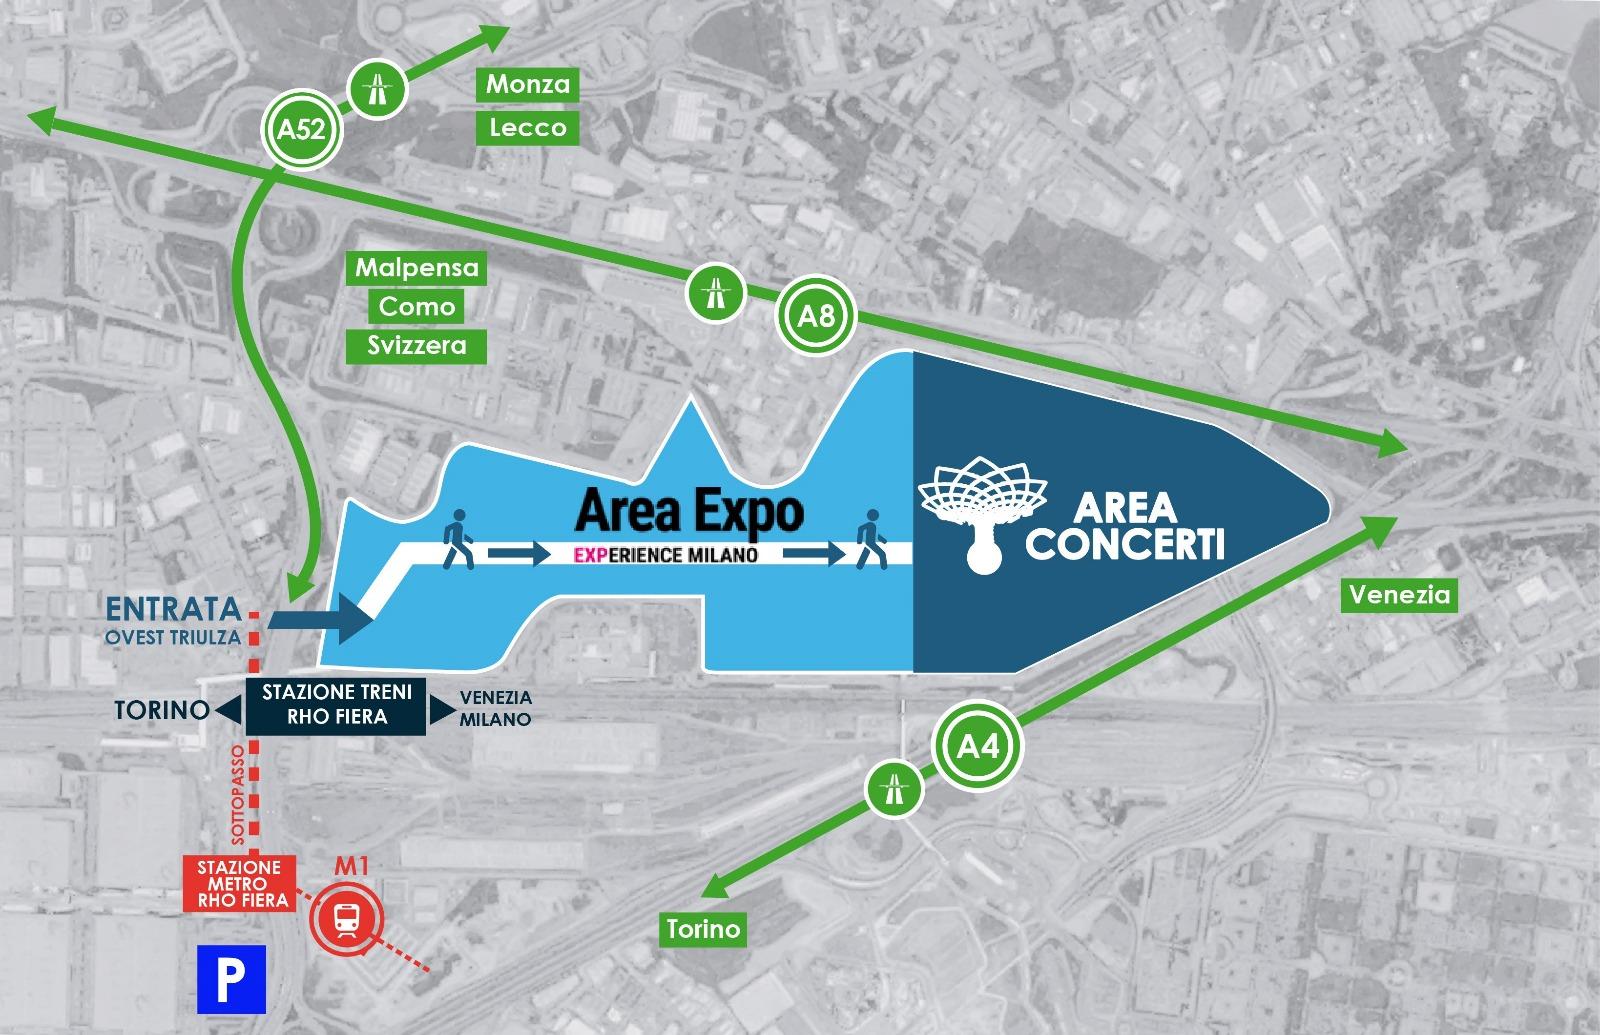 Guida EXPO Milano 2015: come arrivare? - 2020